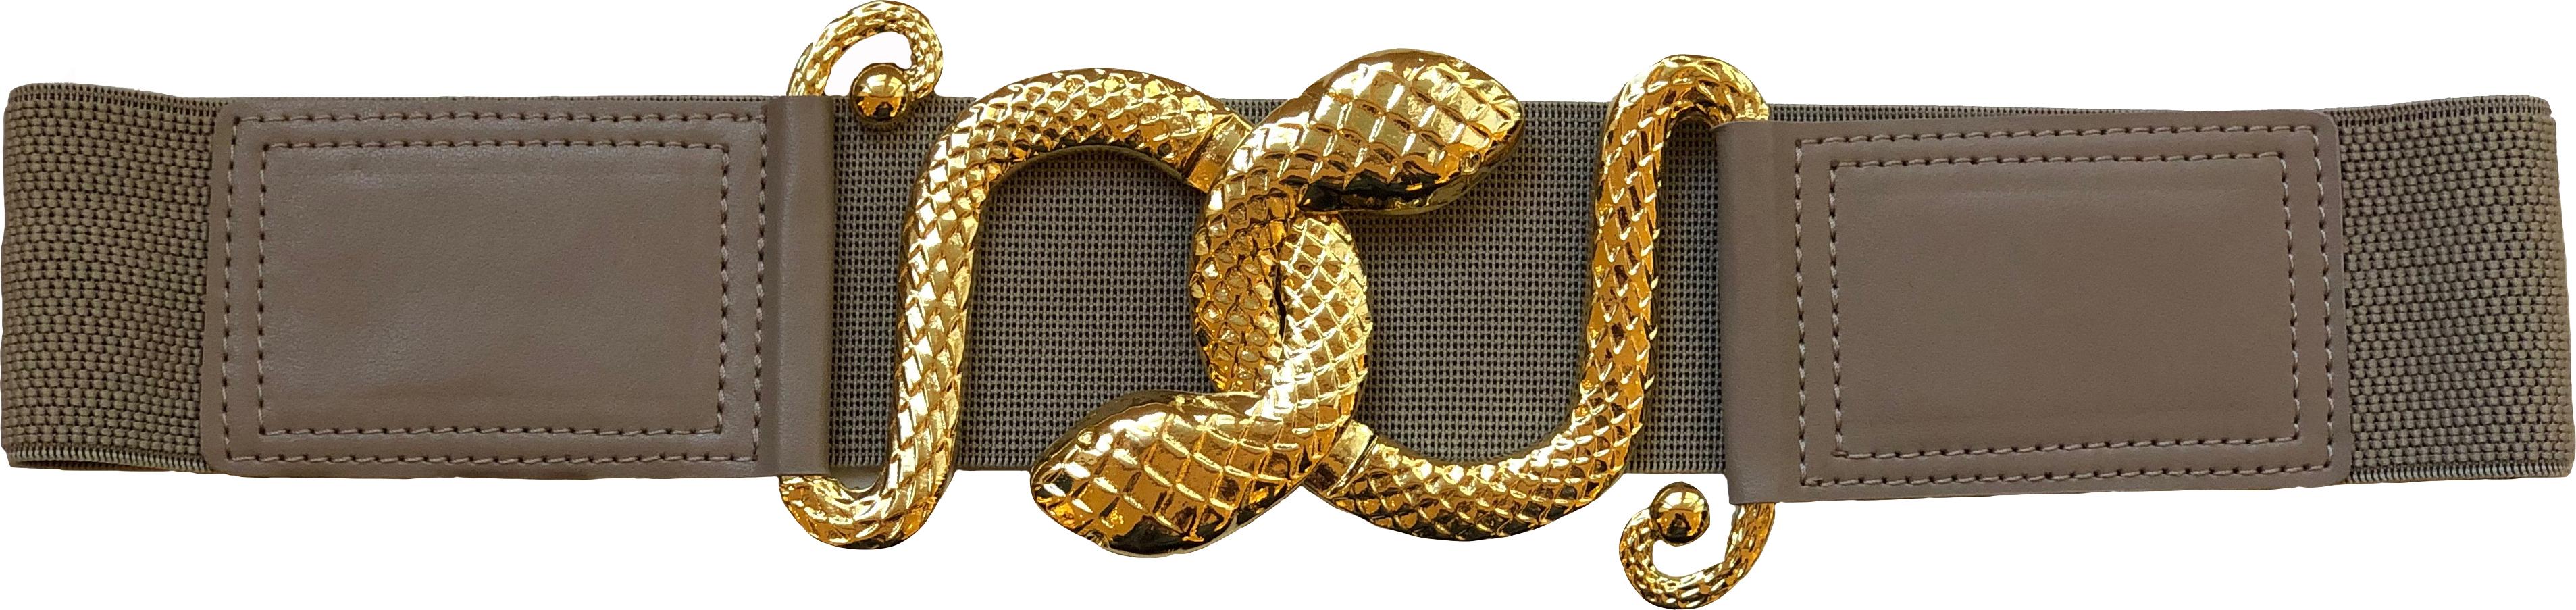 Snake Bite Belt - Beige by Sorbé on curated-crowd.com